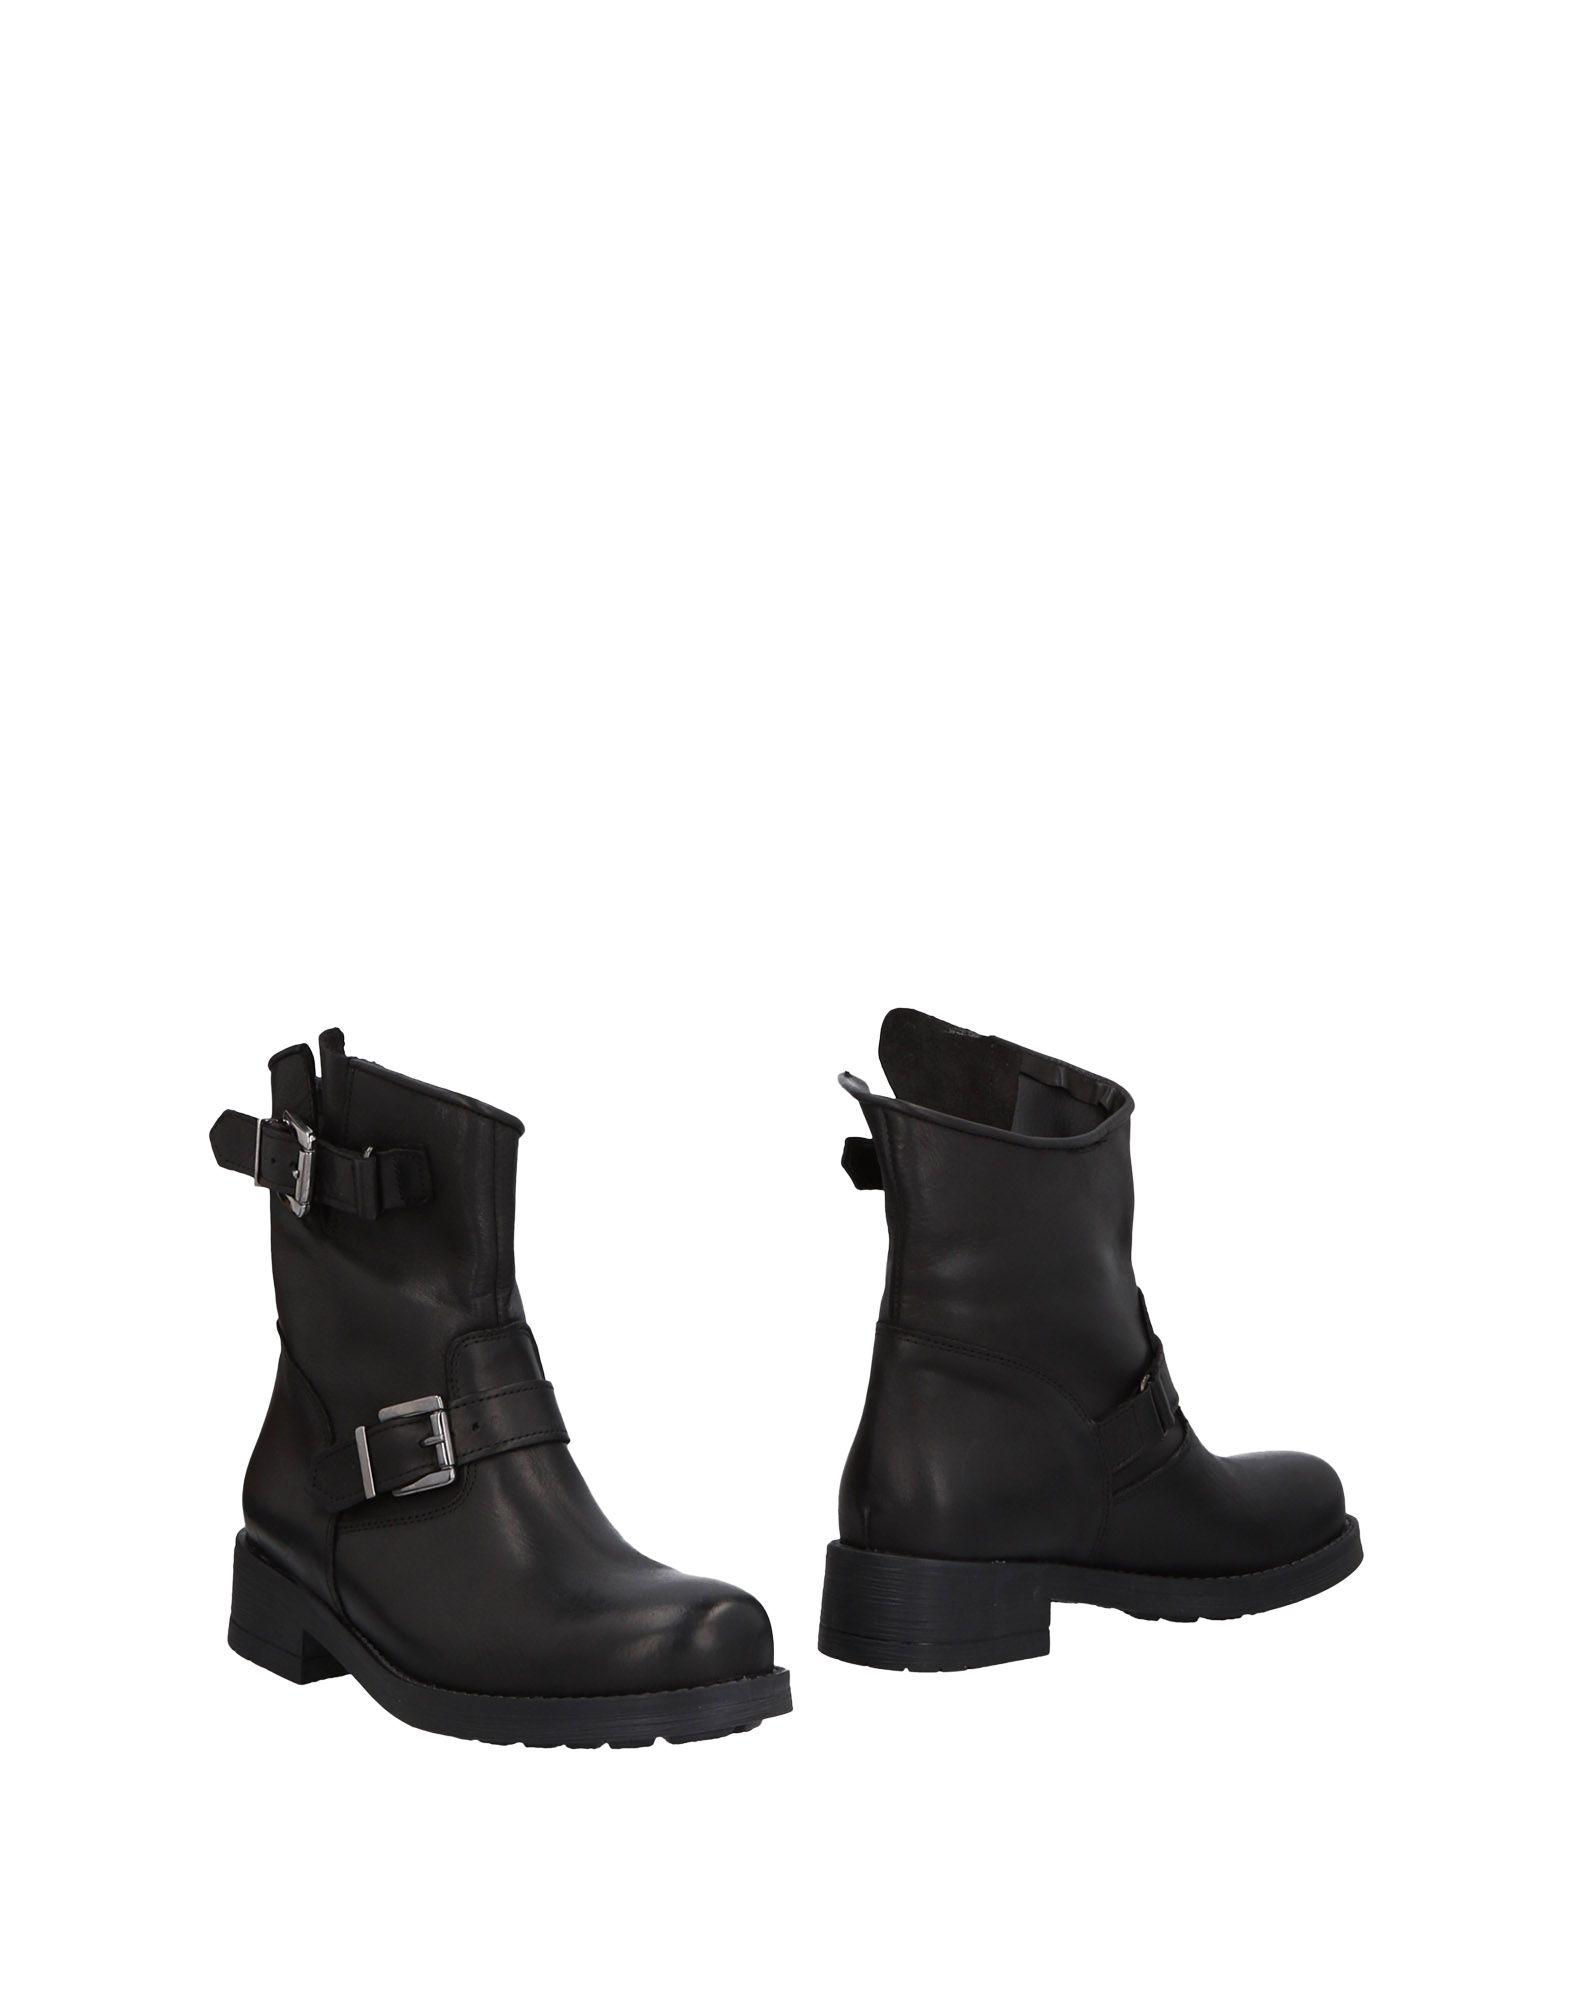 Unlace Stiefelette Damen  11471268WL Gute Qualität beliebte Schuhe